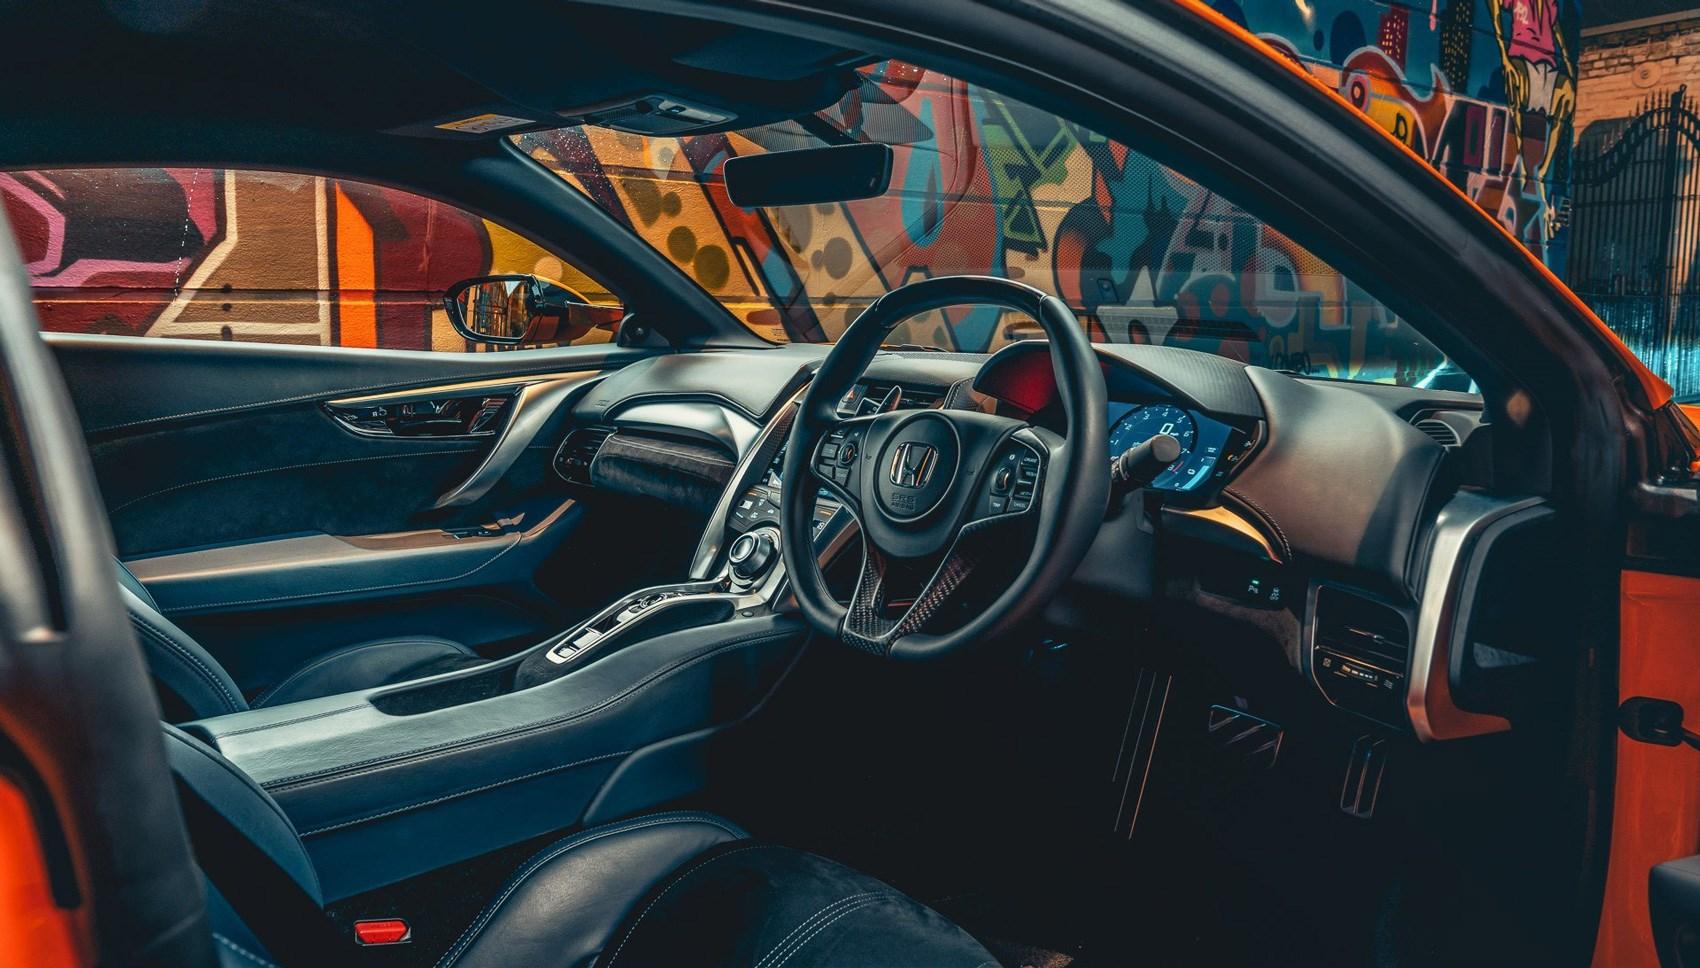 NSX 2020 interior